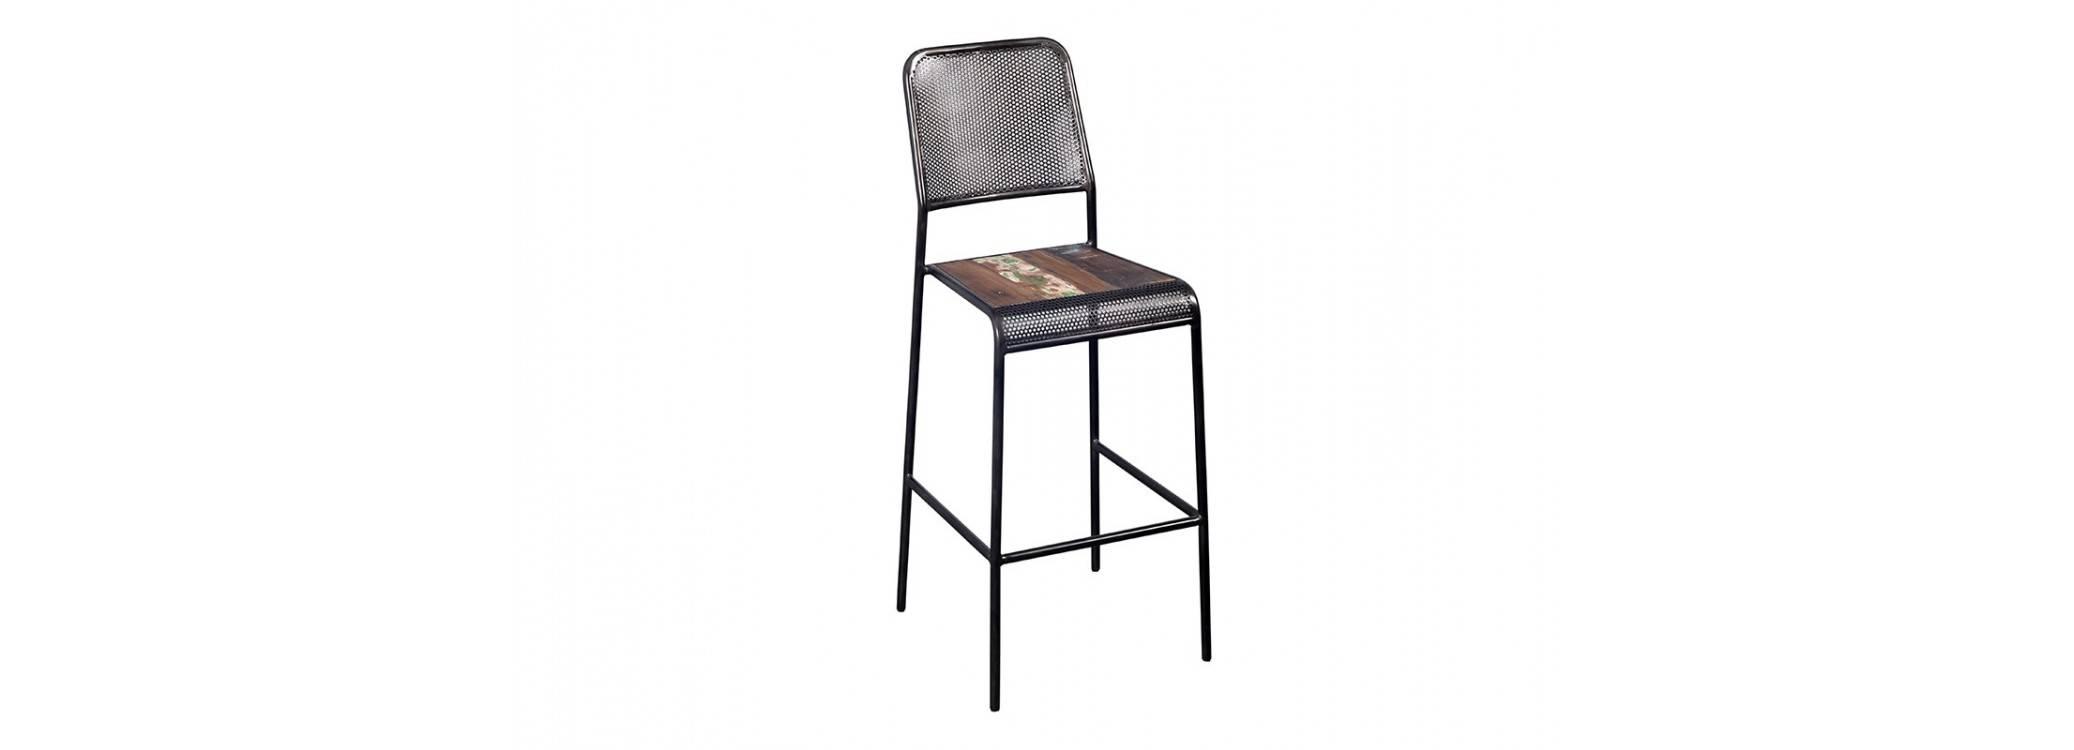 Chaise haute de bar avec dossier - Noir